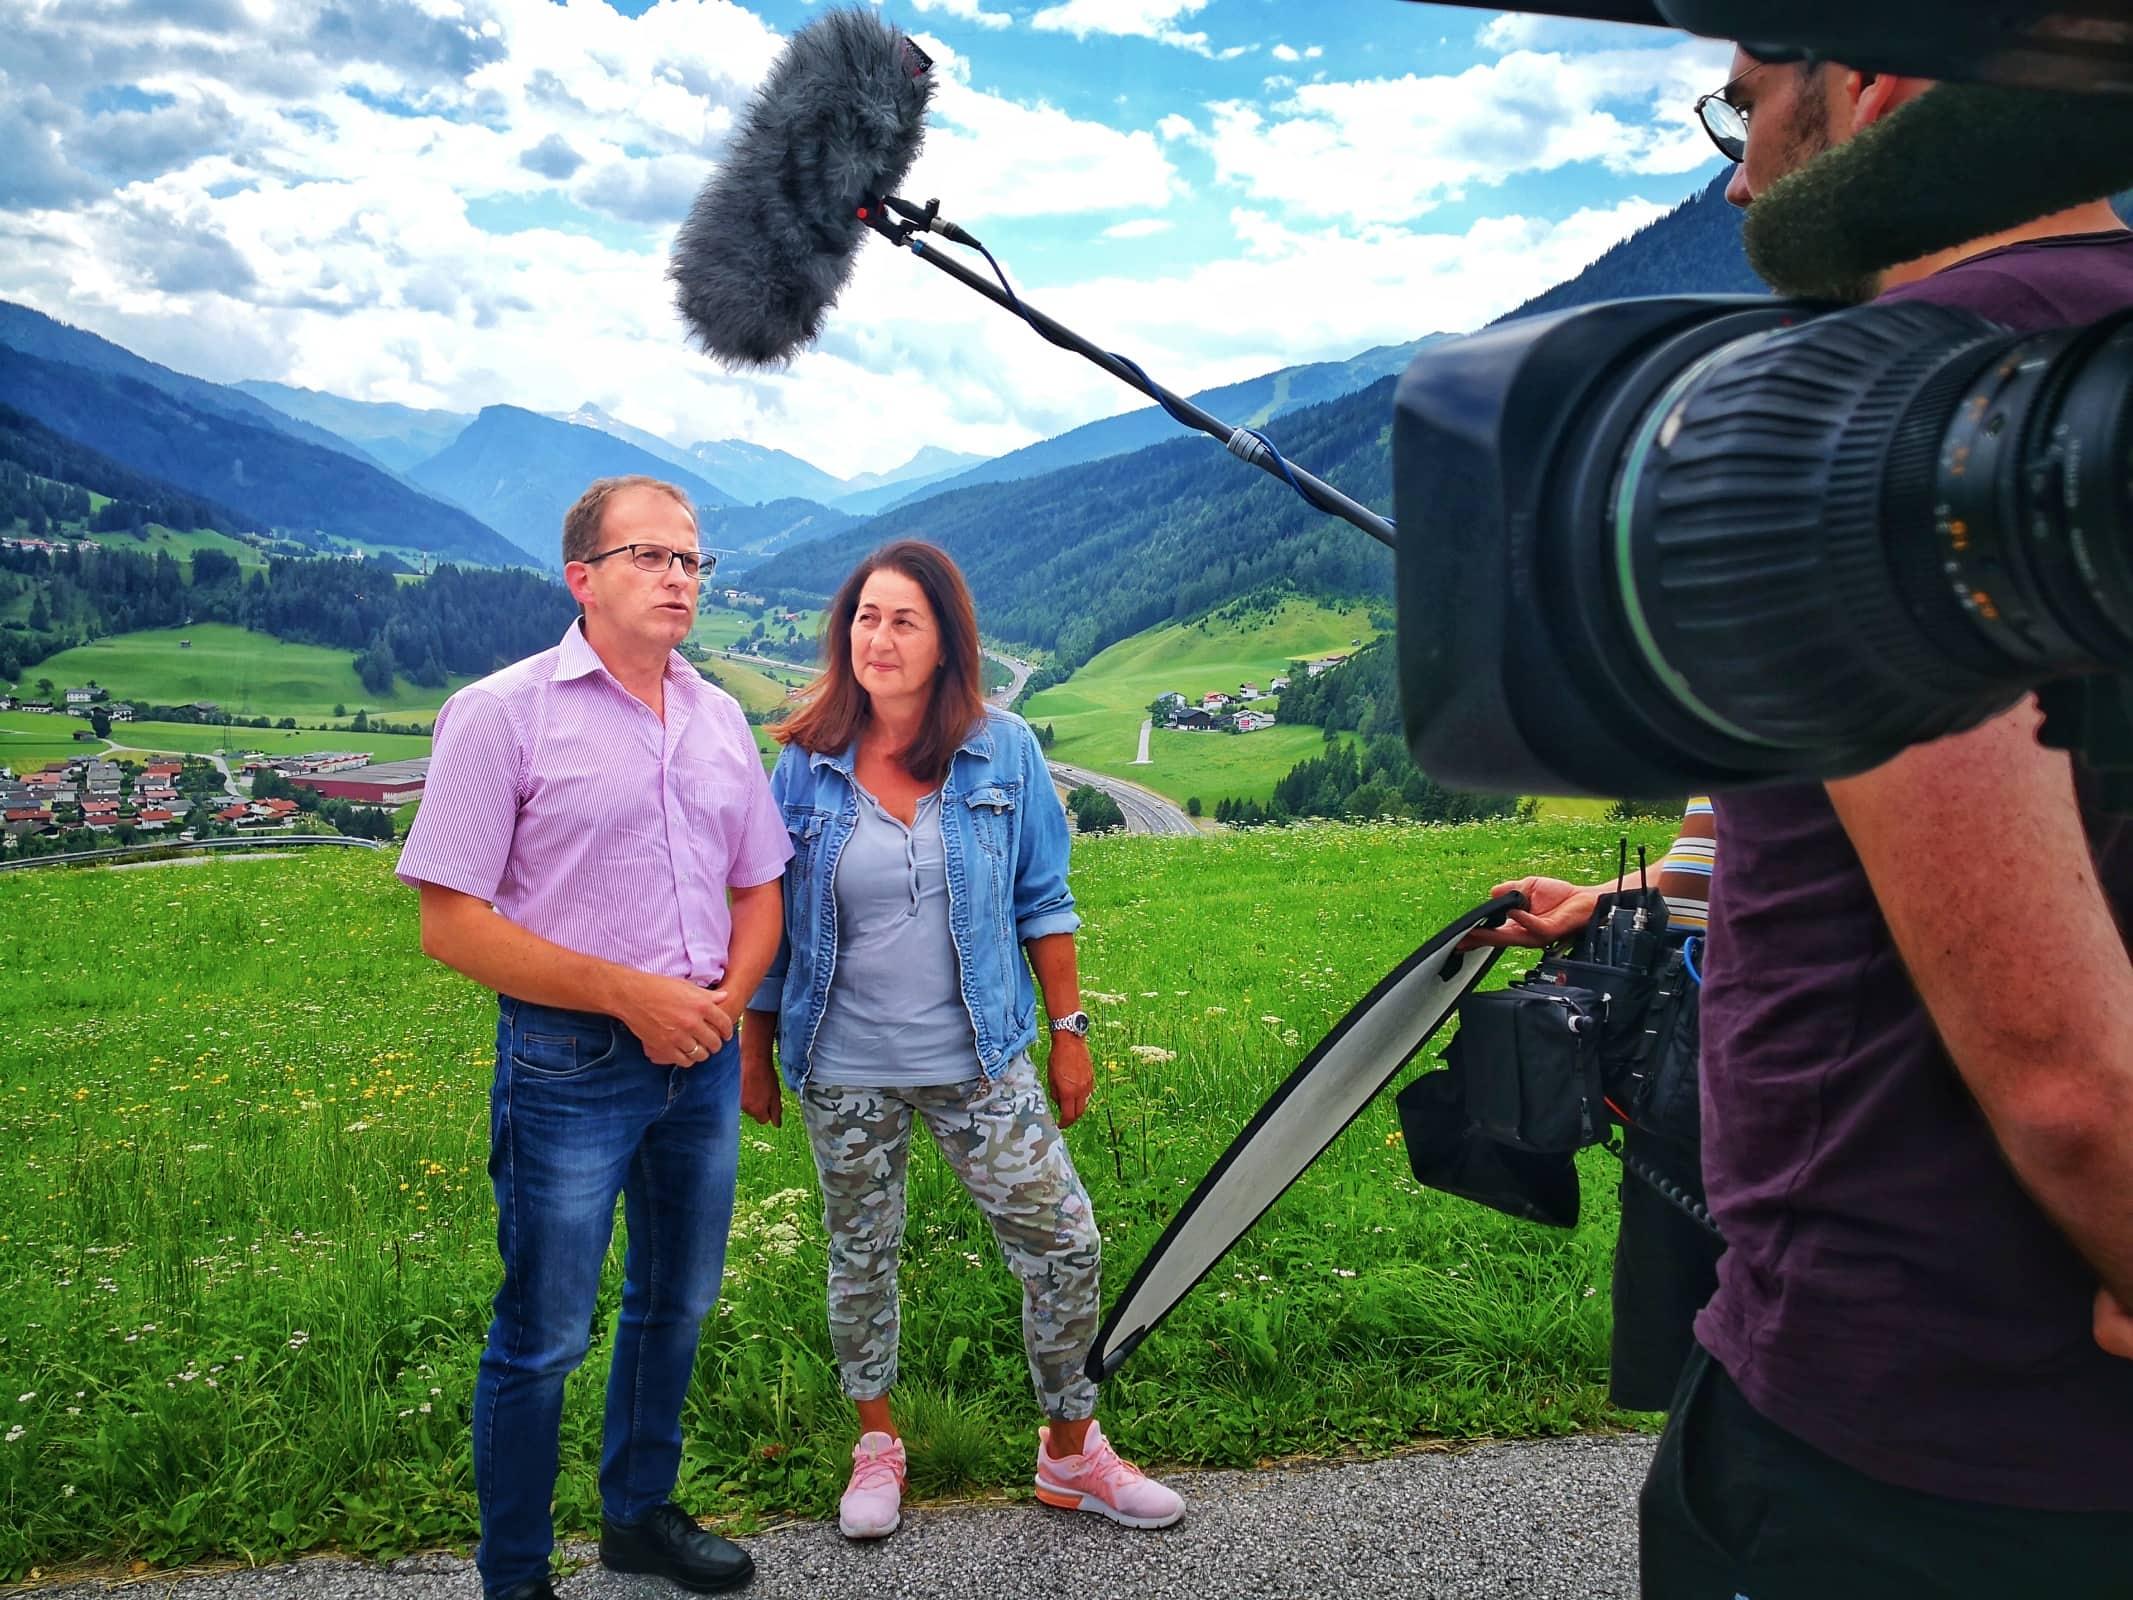 andreas felder kameramann dreharbeiten 03 19.07.2019 13 14 52 - ARD Europamagazin